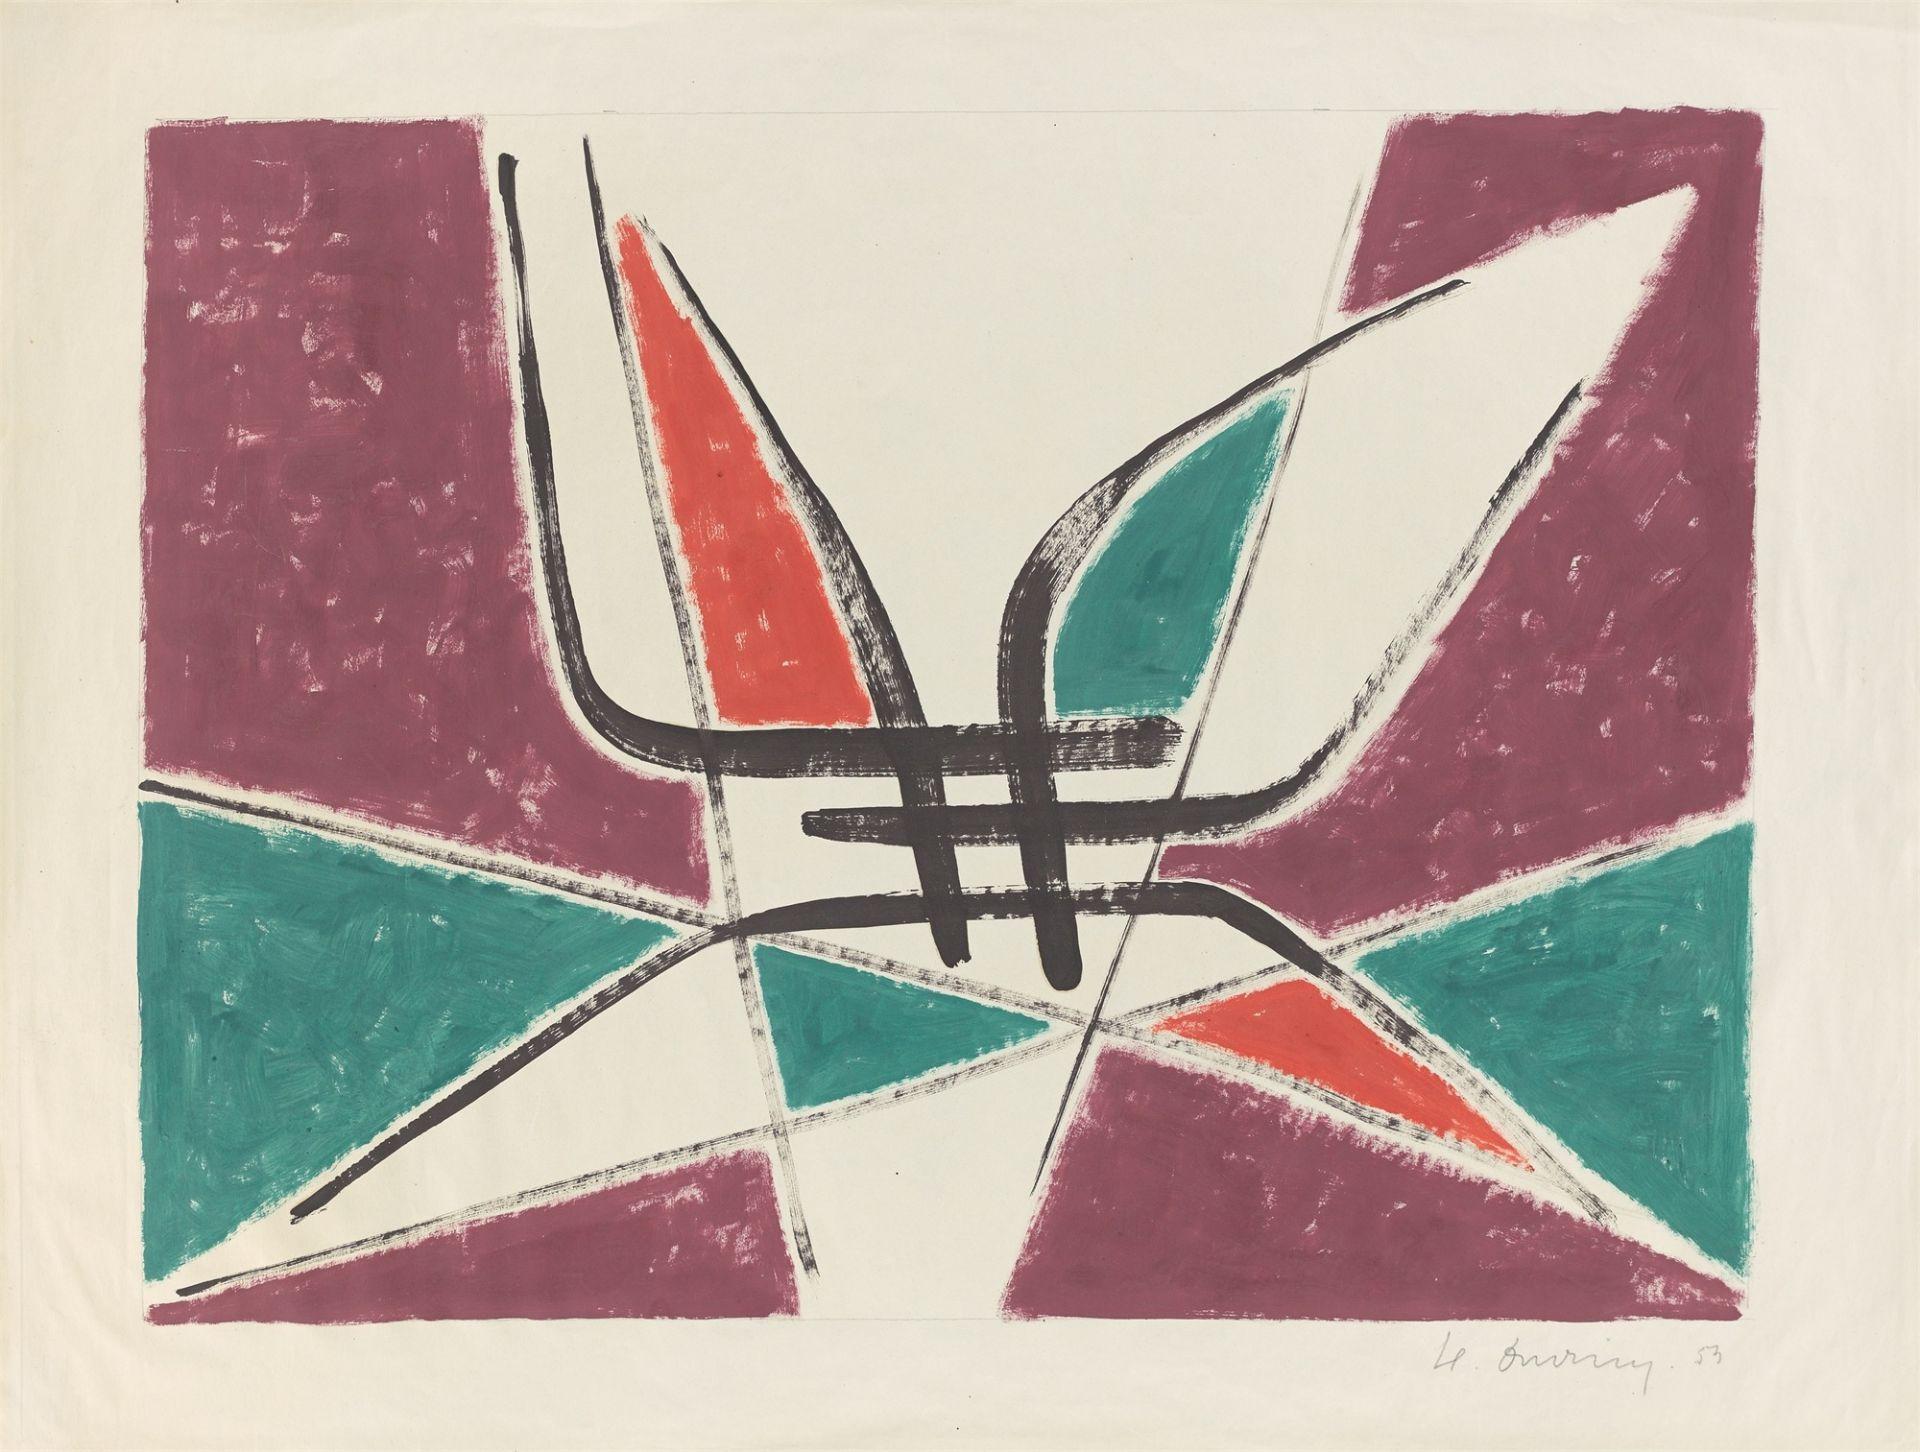 Heinrich Maria Davringhausen. Composition. 1953